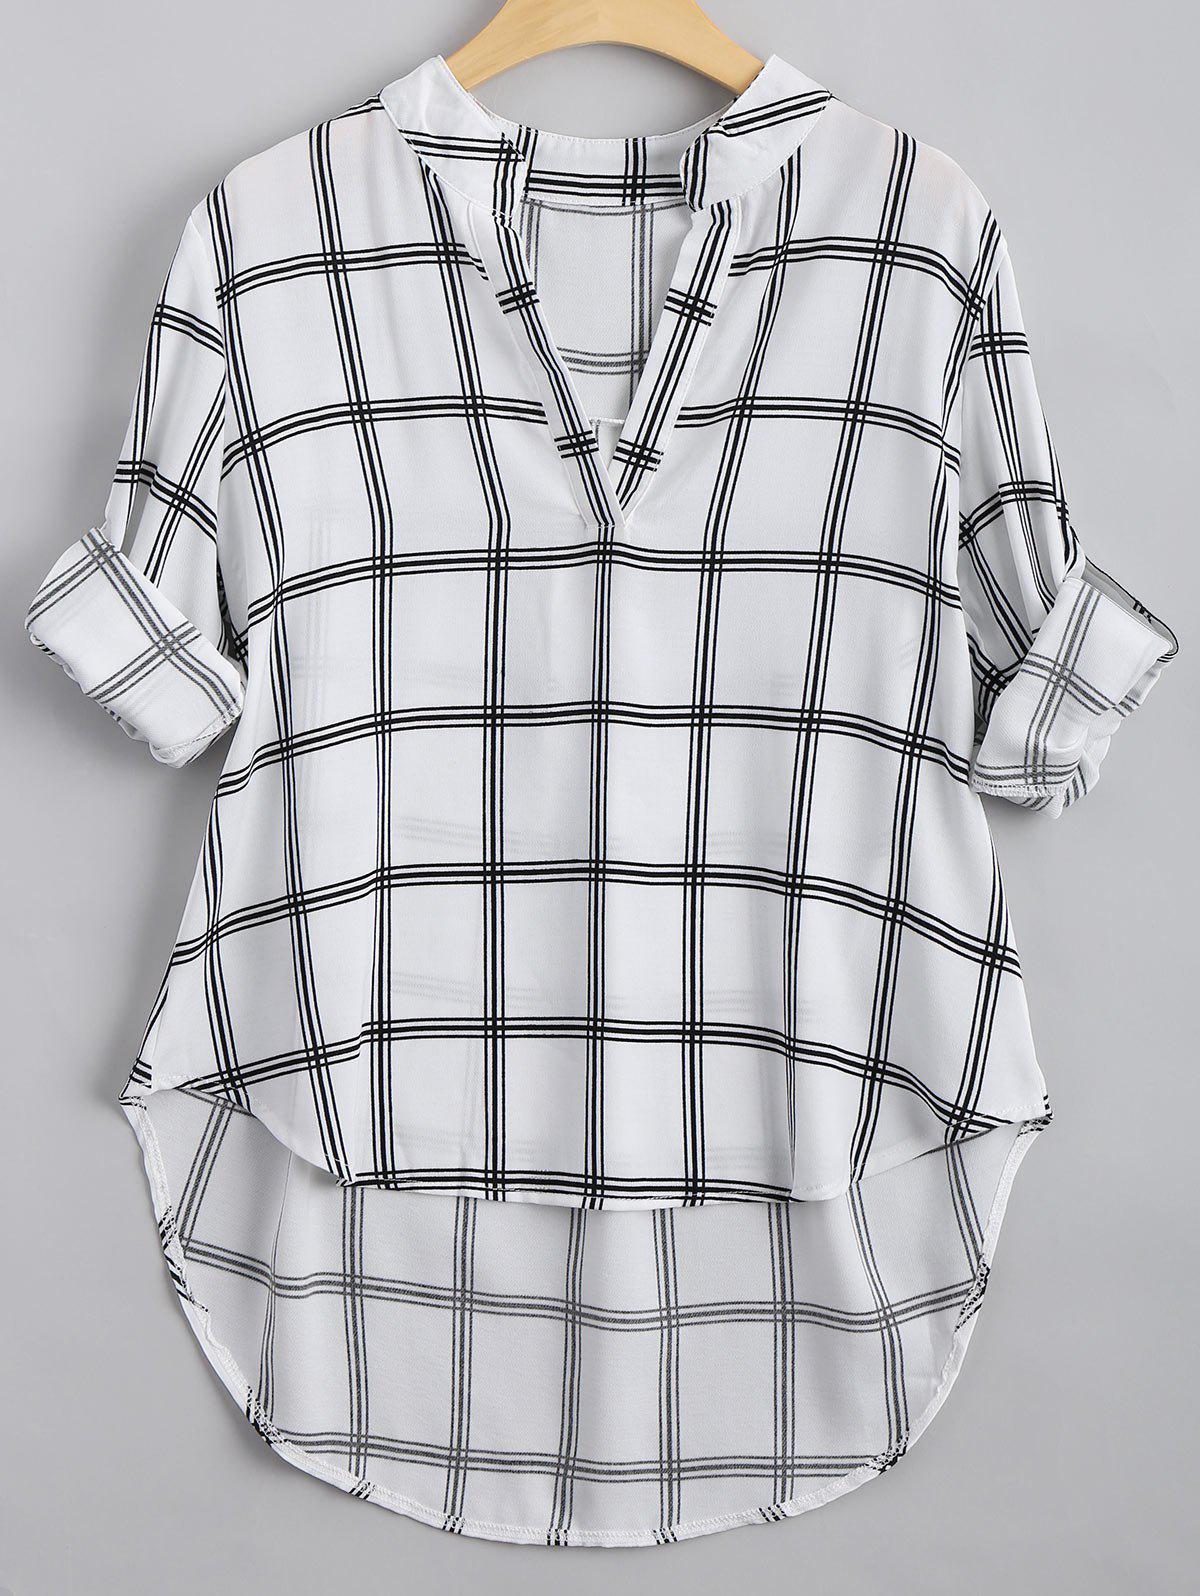 V-Ausschnitt geprft hoch niedrig Bluse